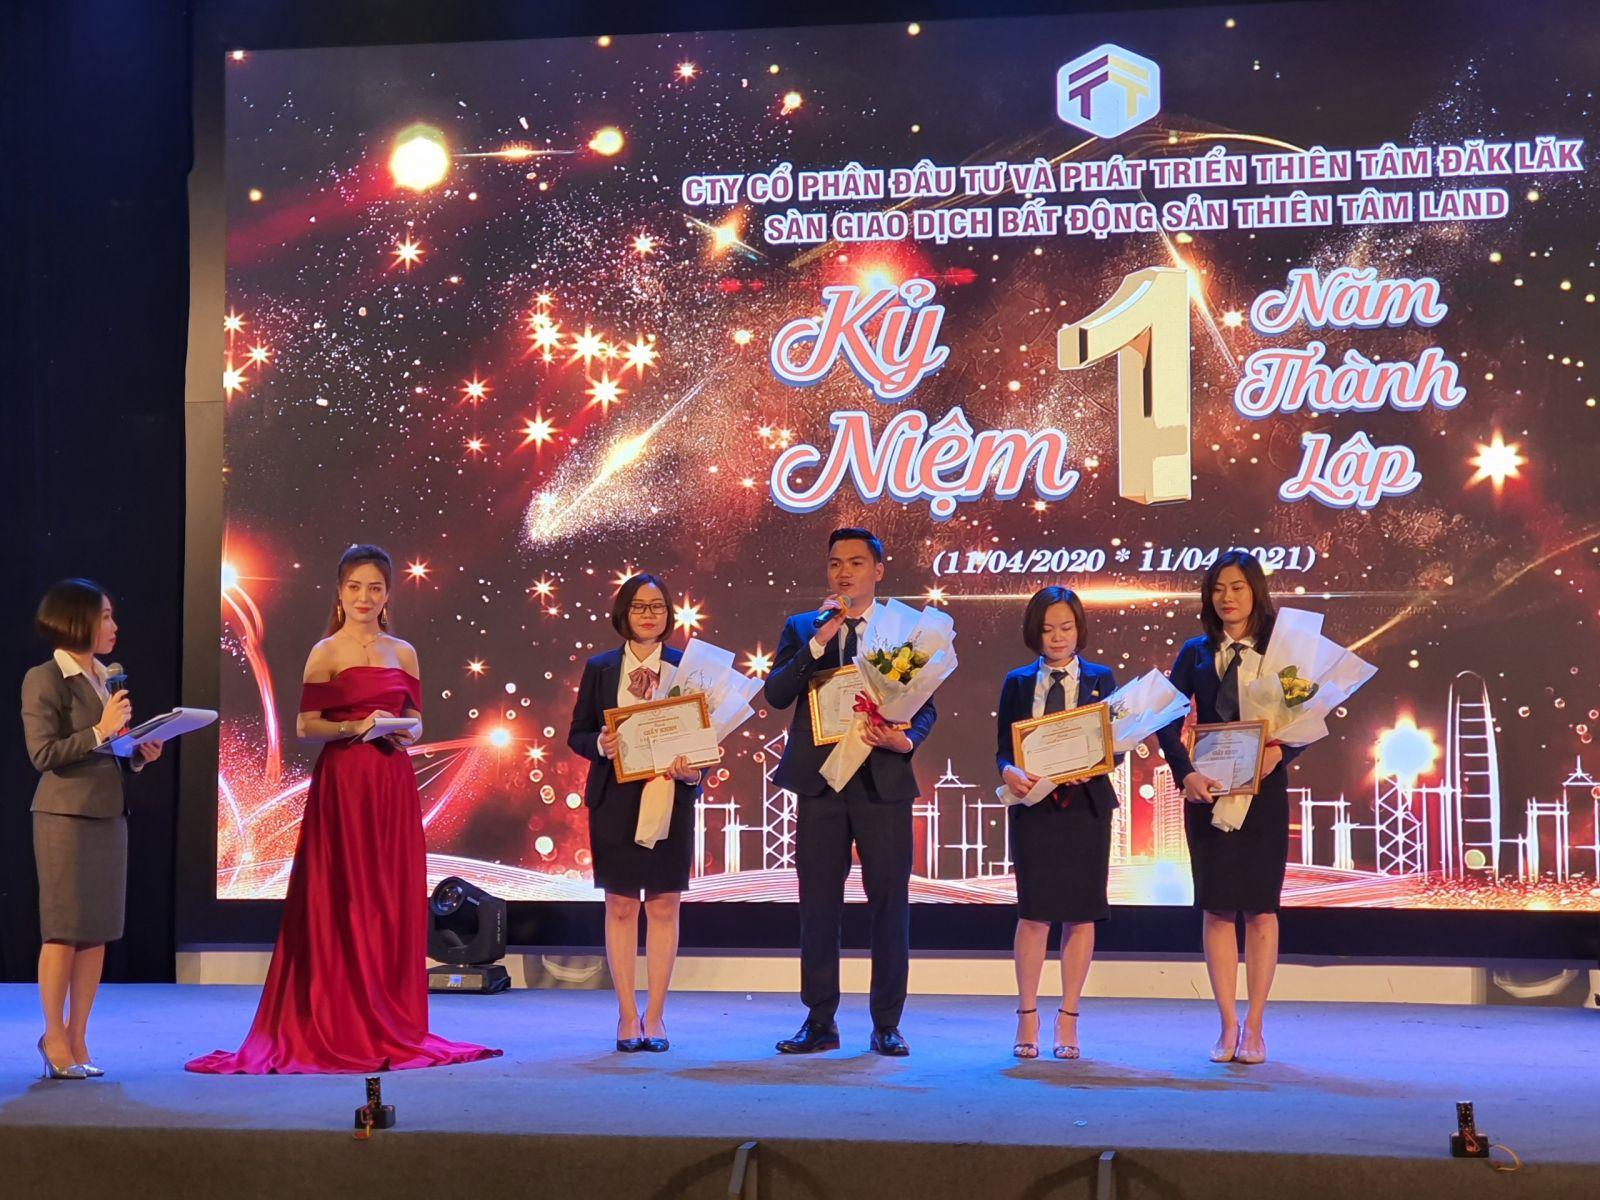 Những cá nhân xuất sắc trong lĩnh vực kinh doanh bất động sản của công ty Thiên Tâm Land được tôn vinh tại Lễ Kỷ niệm 1 năm thành lập.